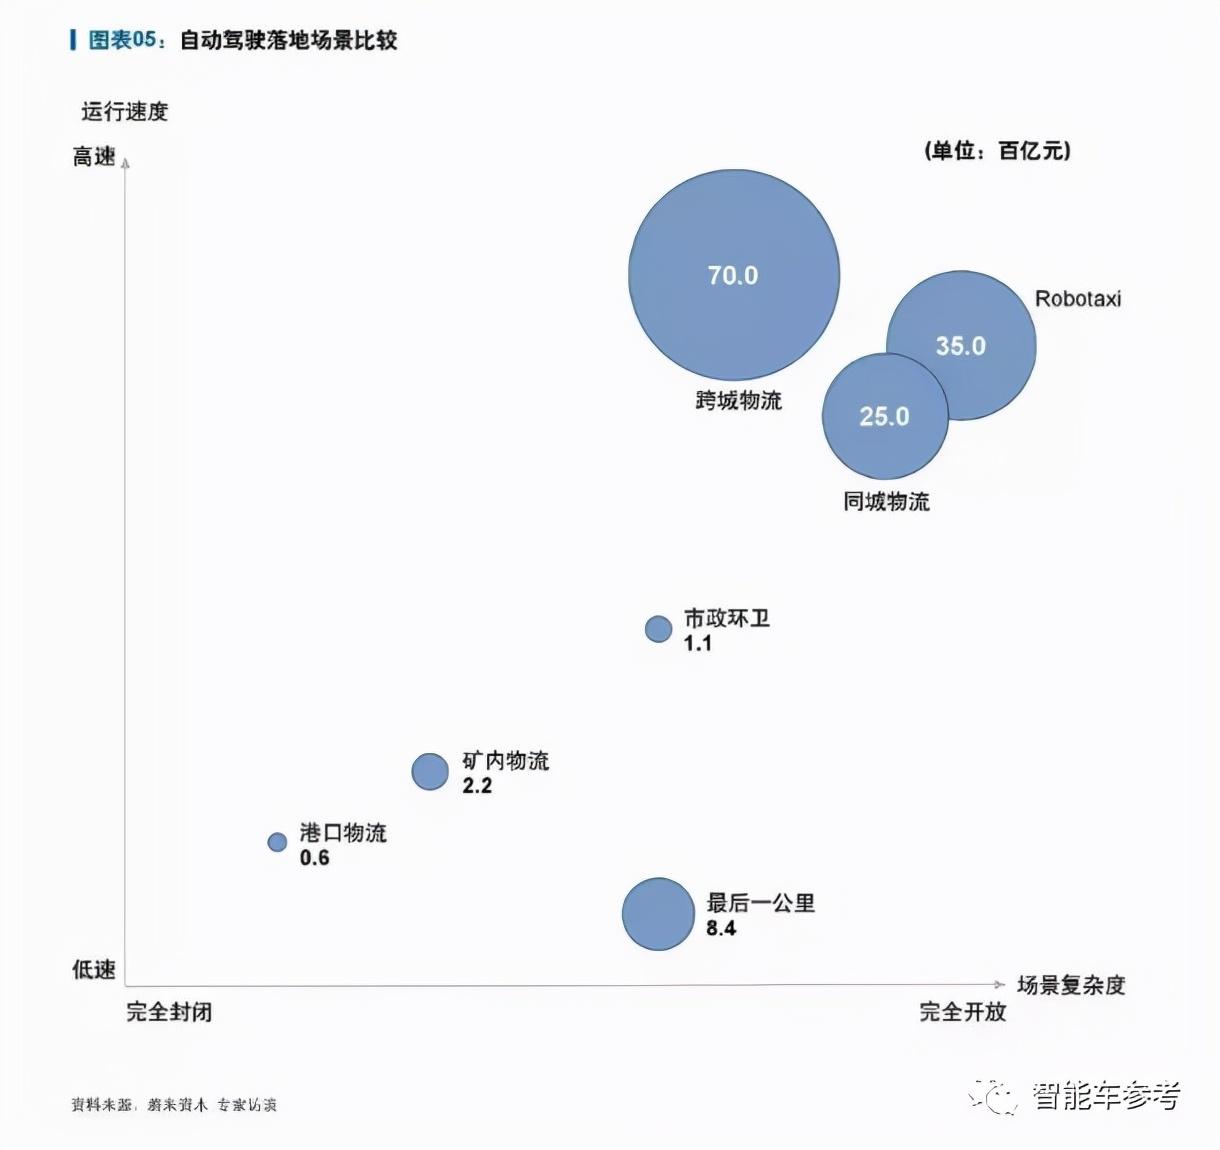 深圳自动驾驶公司获阿里领投3亿美元,晋升独角兽,开启货运落地